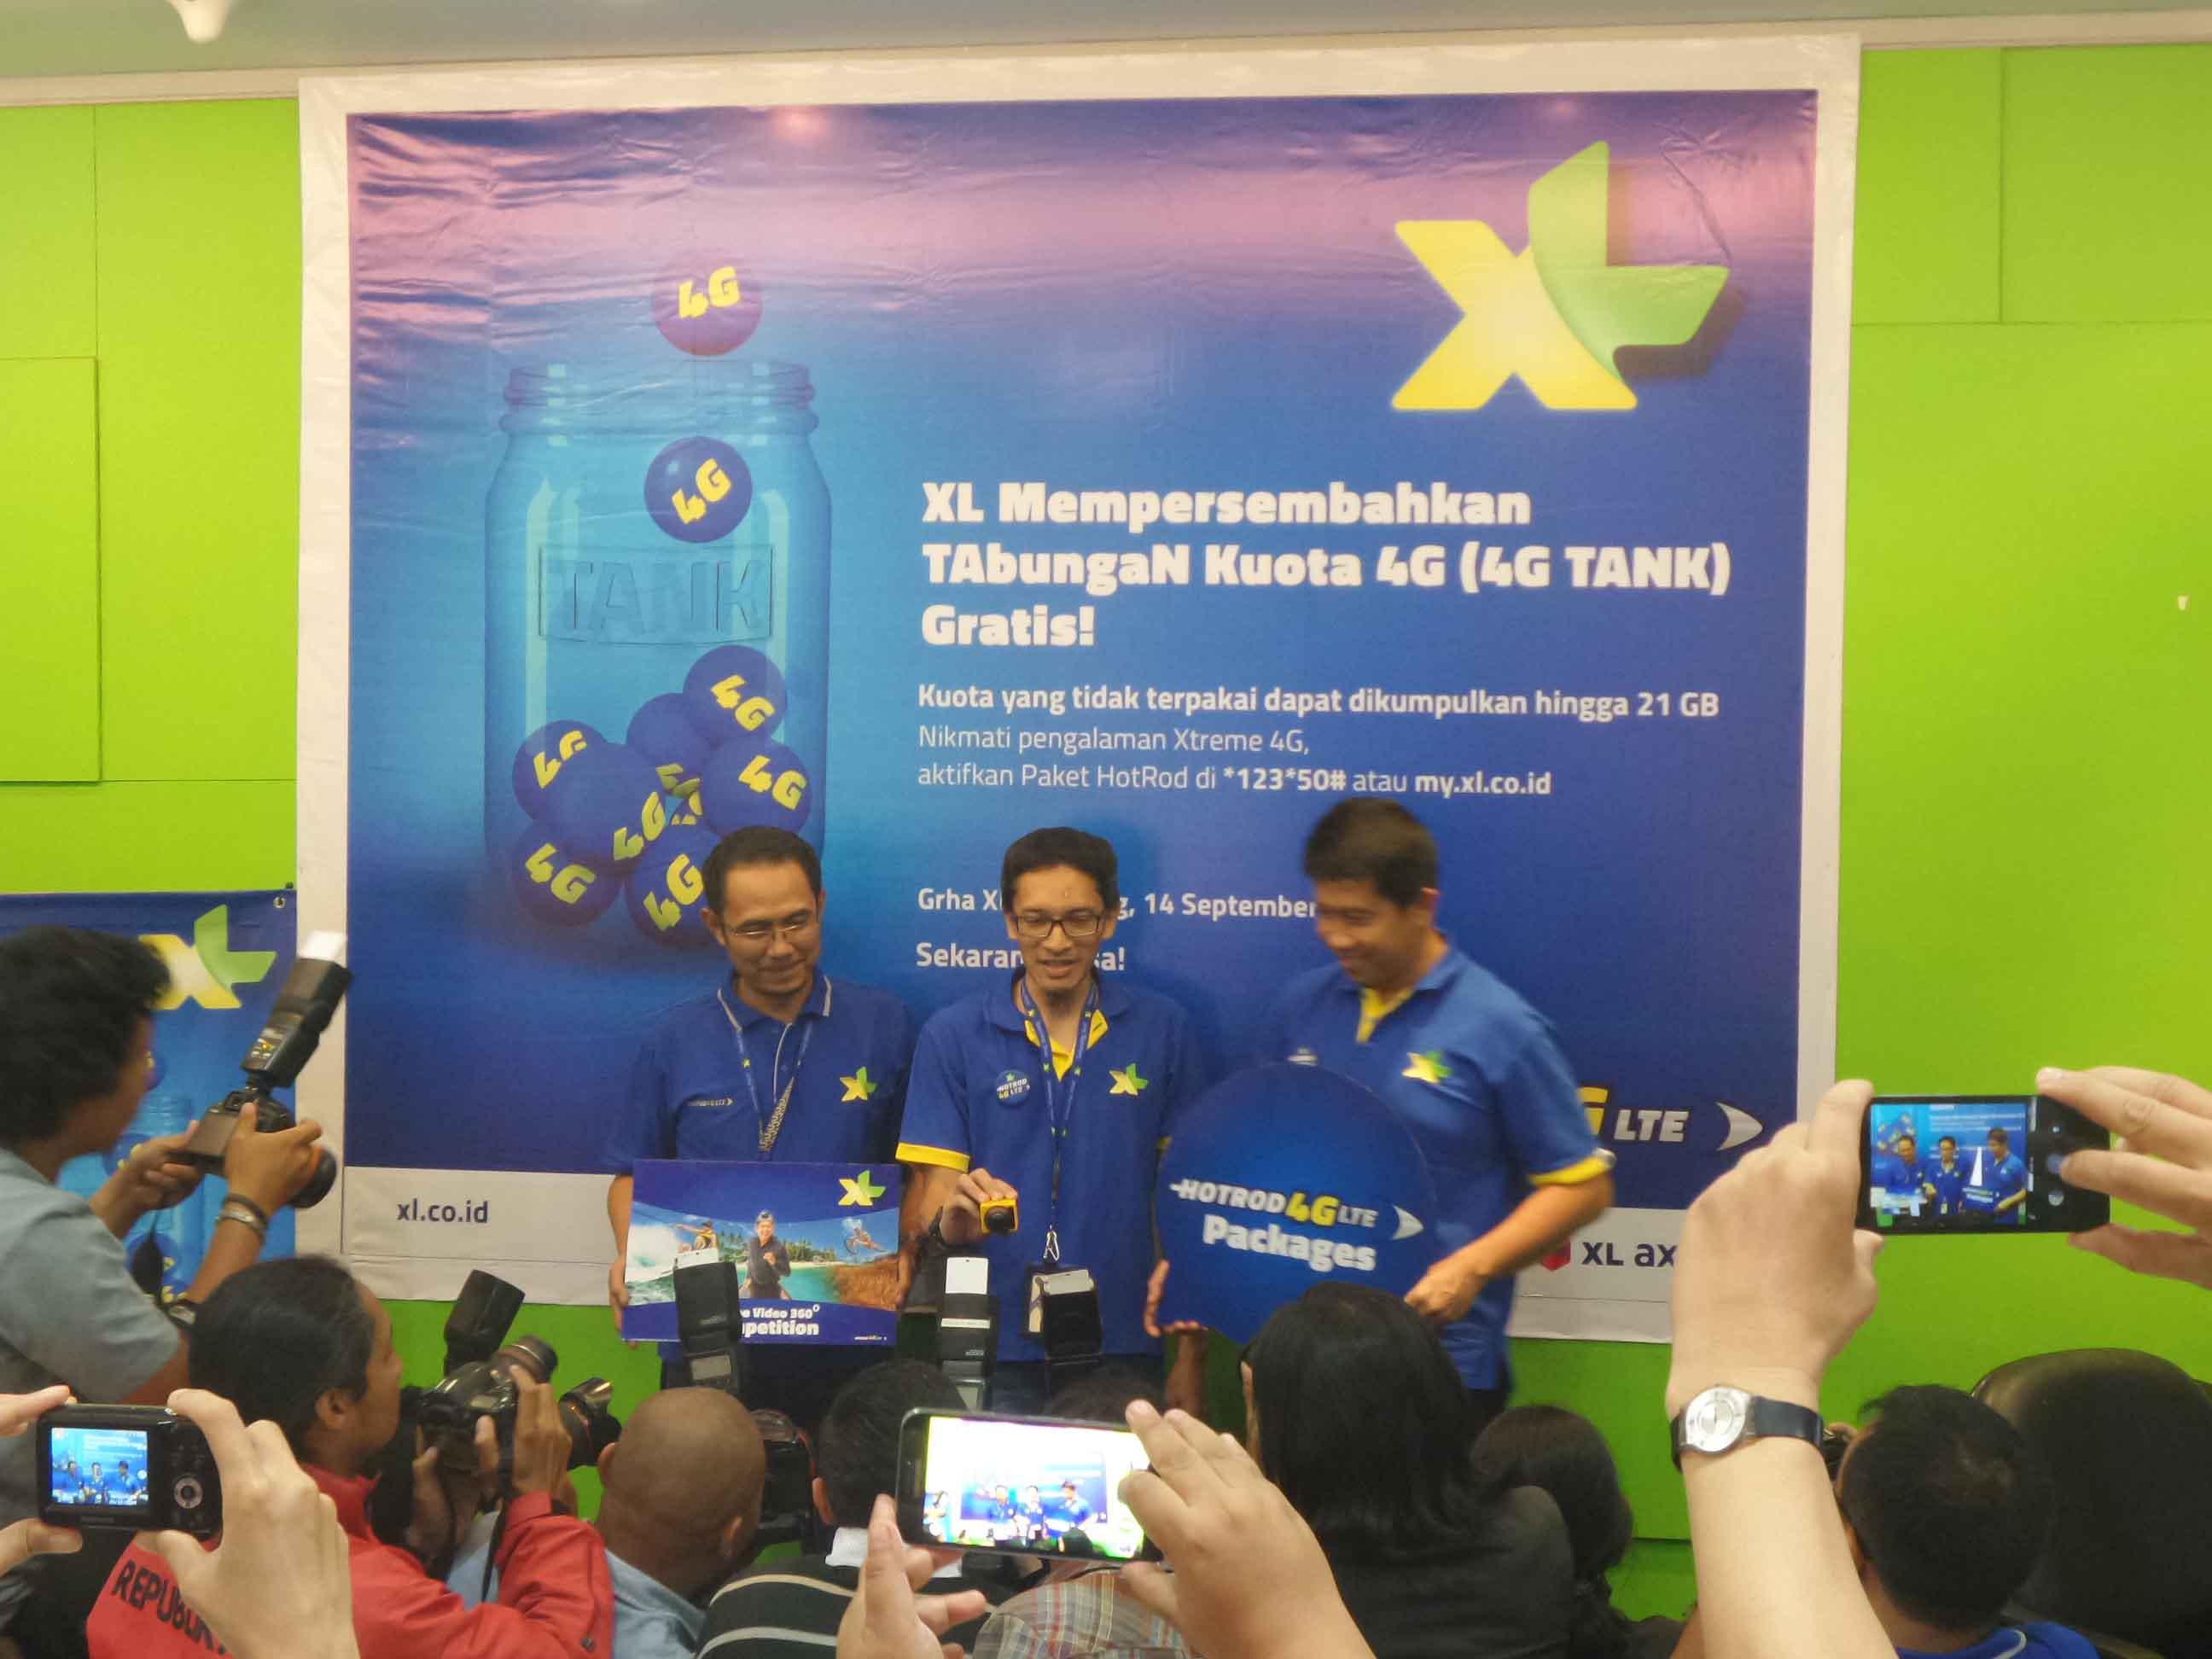 TAbuNgan Kuota 4G dari XL